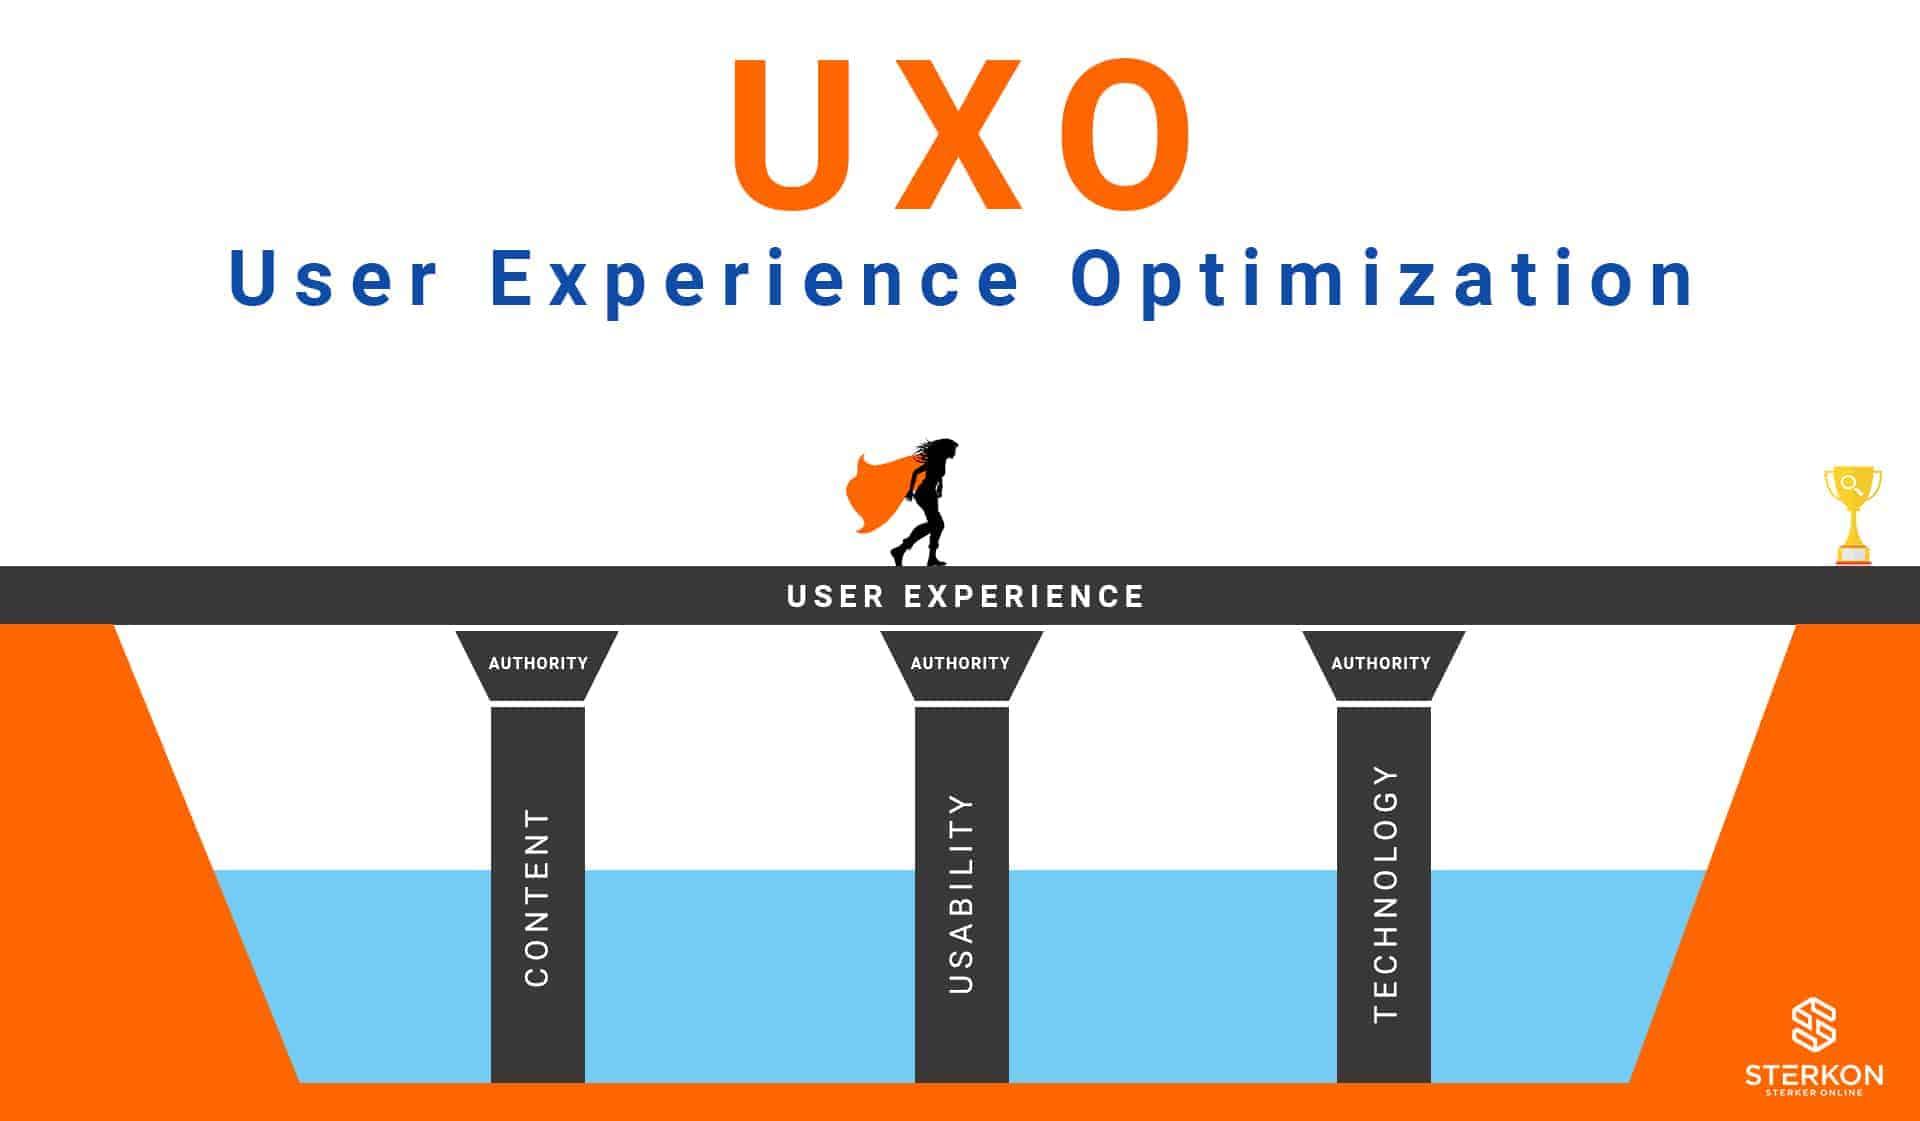 Het UXO model als alternatief op het traditionele SEO model